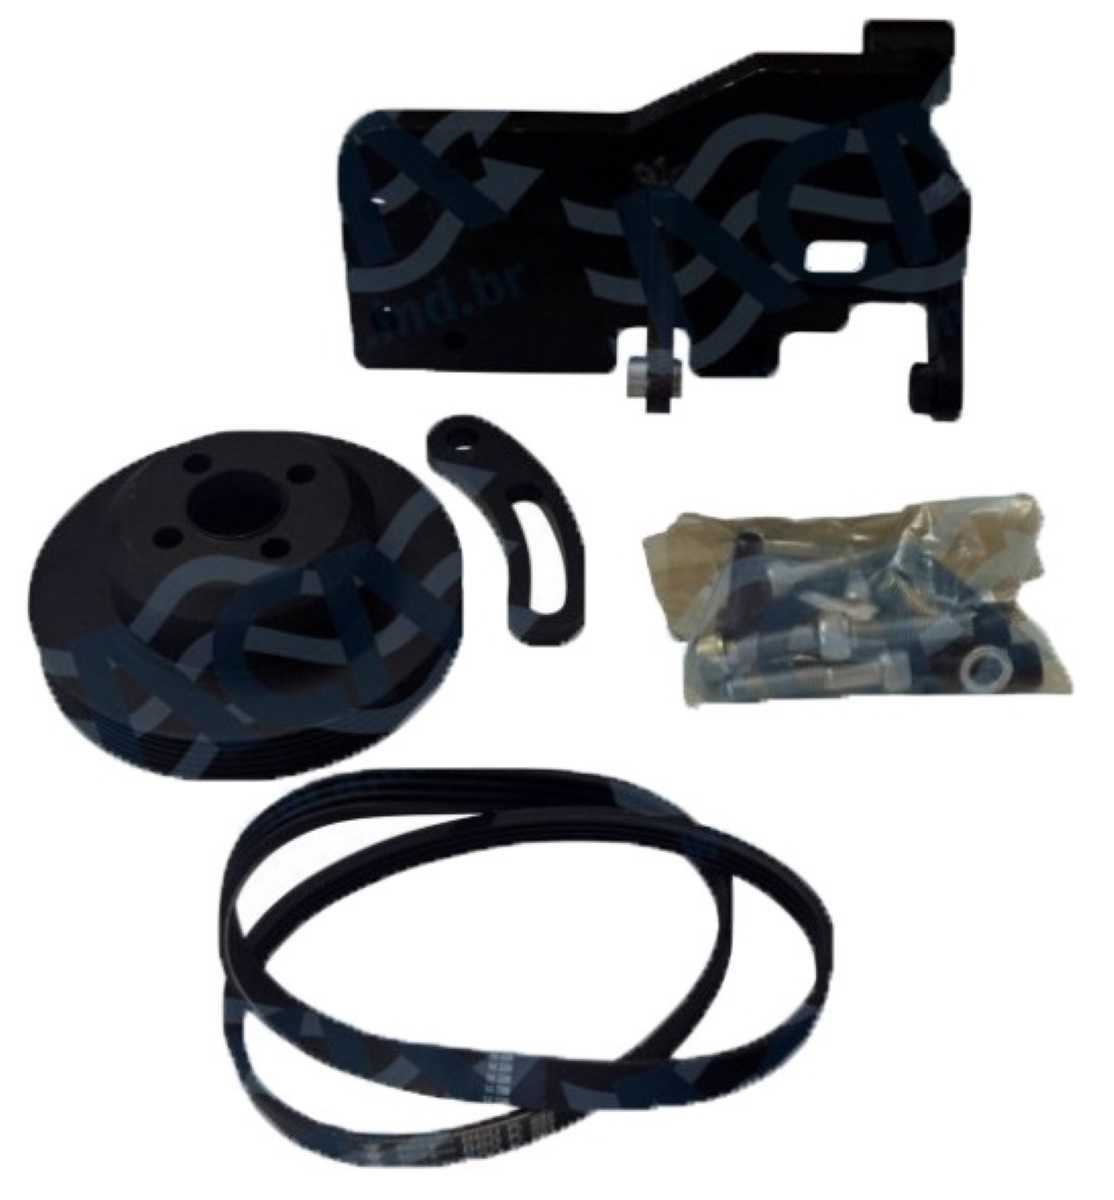 Kit Suporte Compressor - Ducato/Jumper/Boxer 11 2.3 Ducato/Jumper/Boxer 11> 2.3 *7H15 Orelha 8Pk*